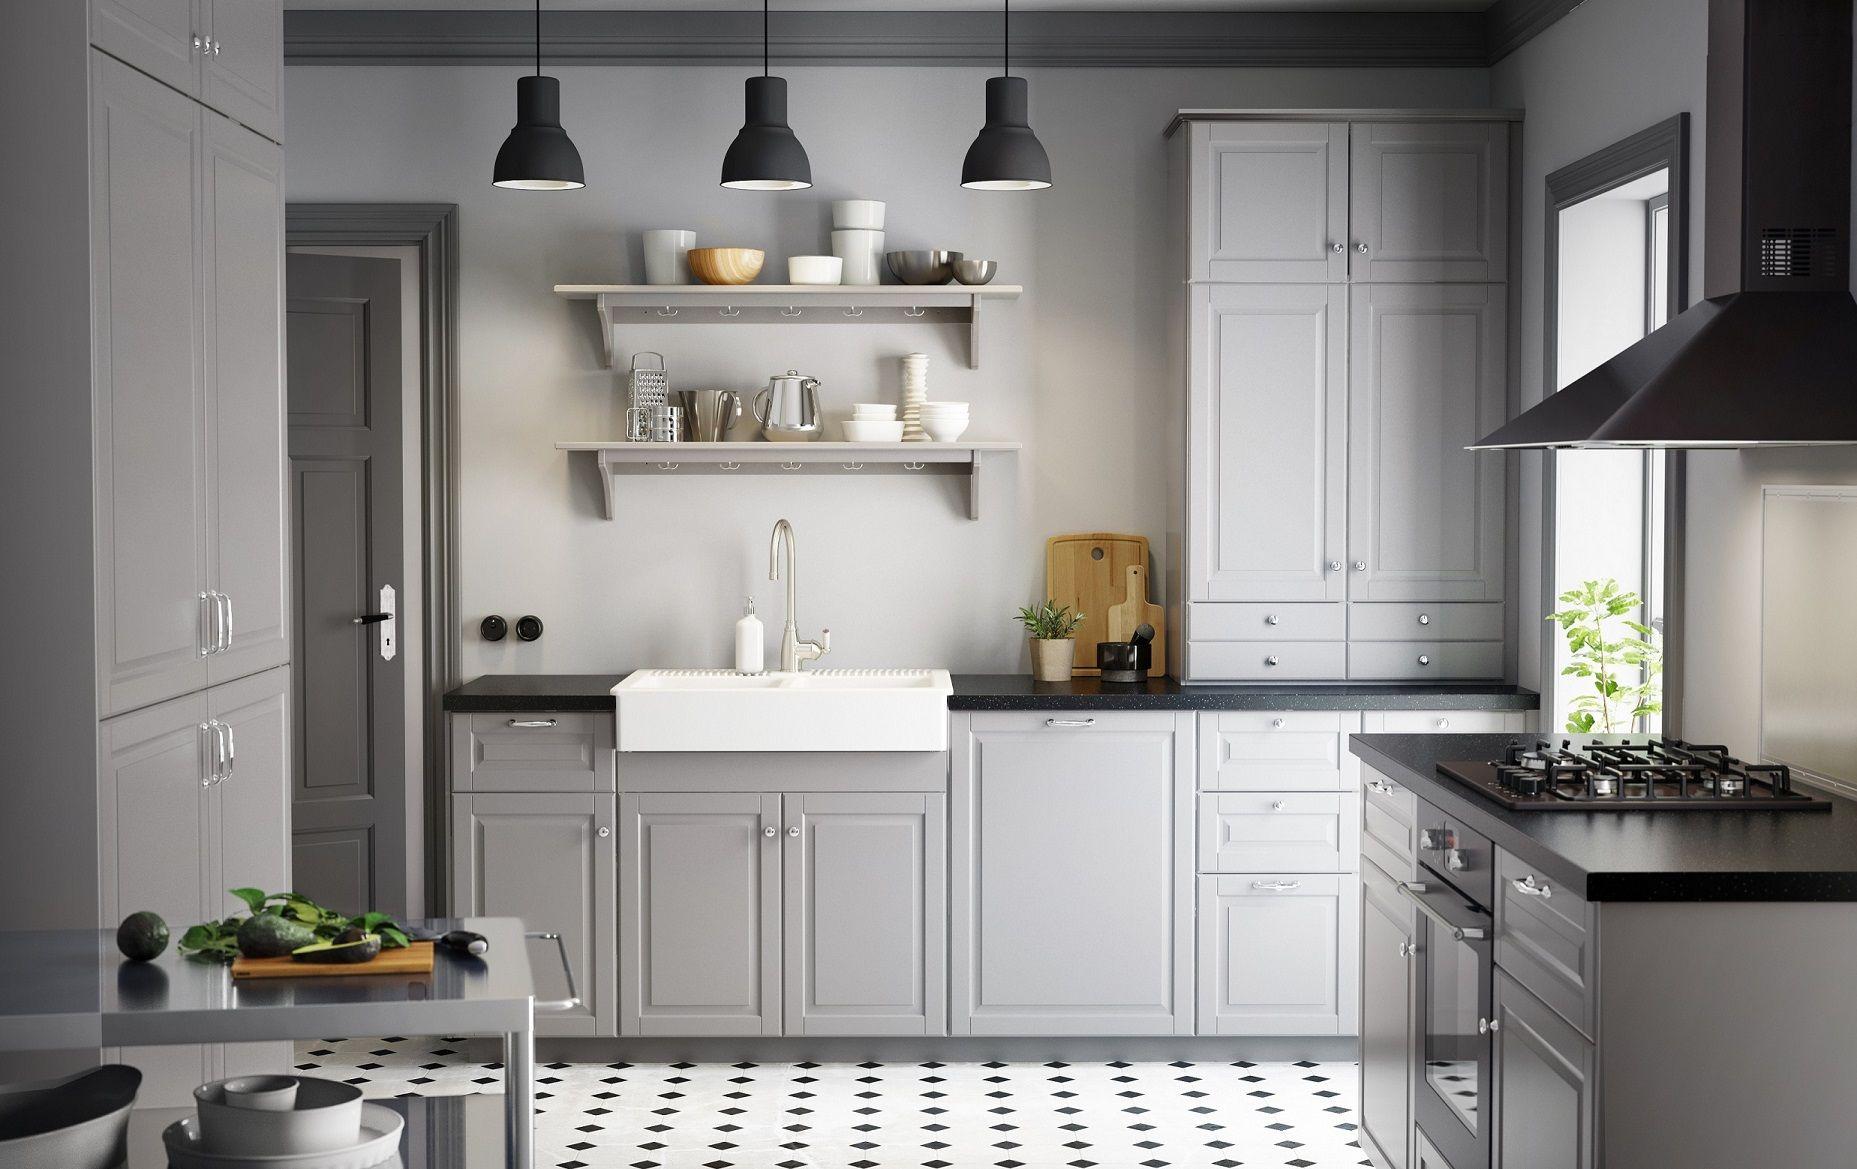 Metod keuken ikea ikeanl traditioneel grijs for Metod keuken